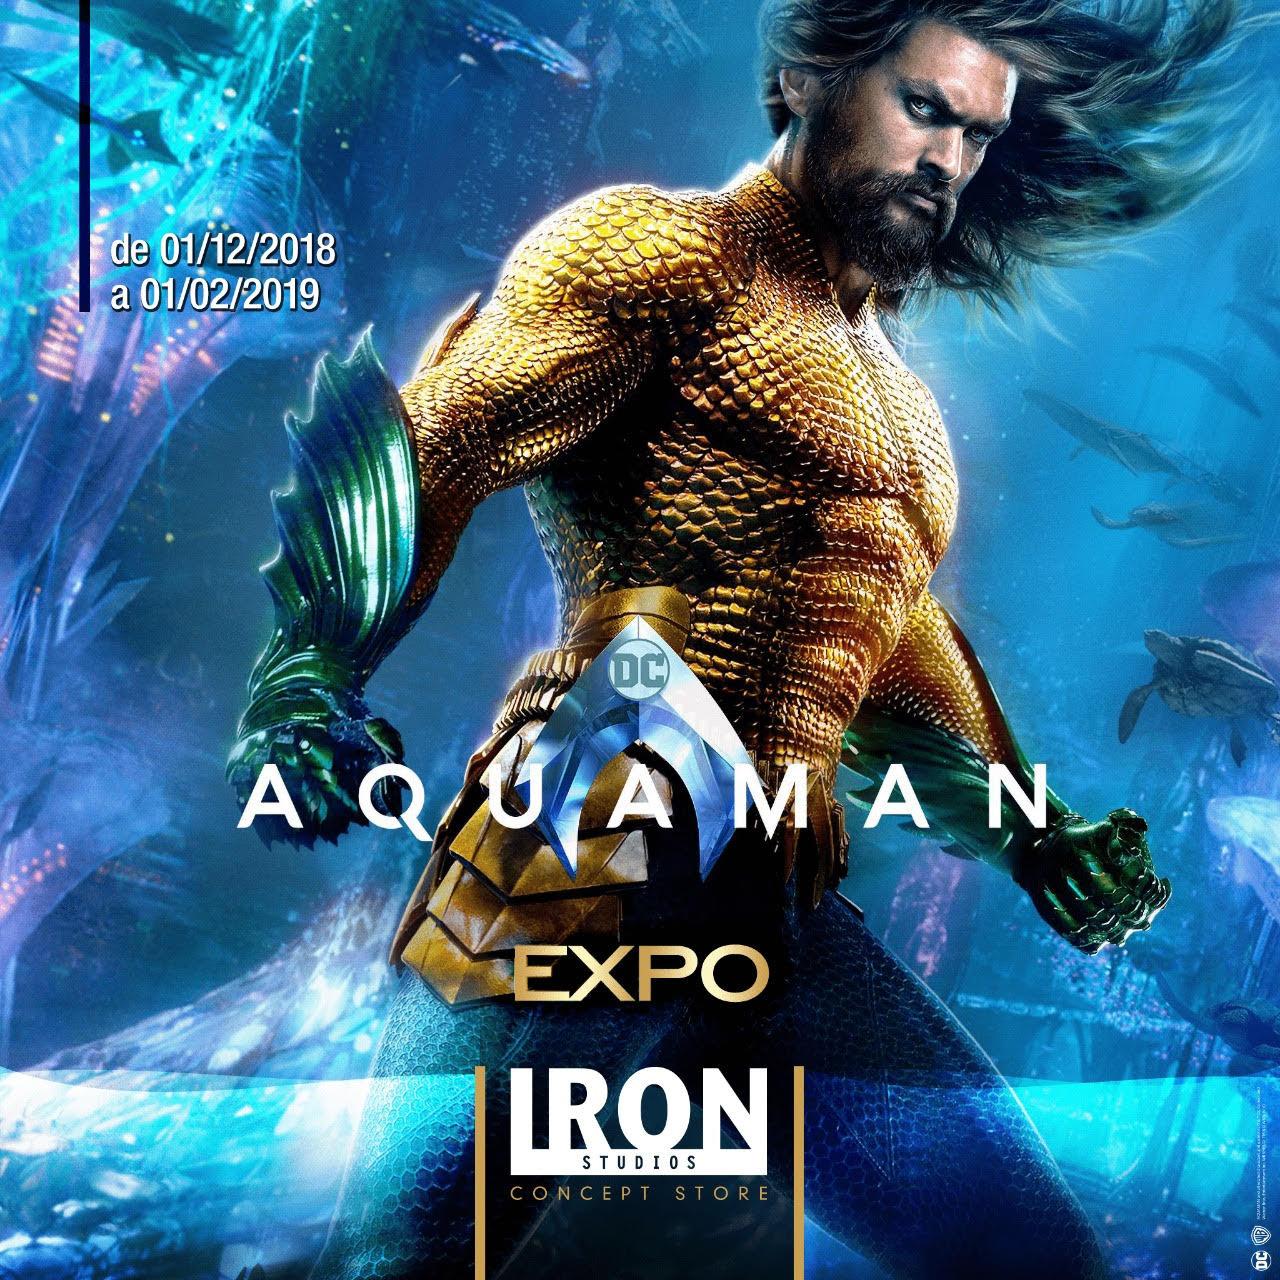 Aquaman Iron Studios